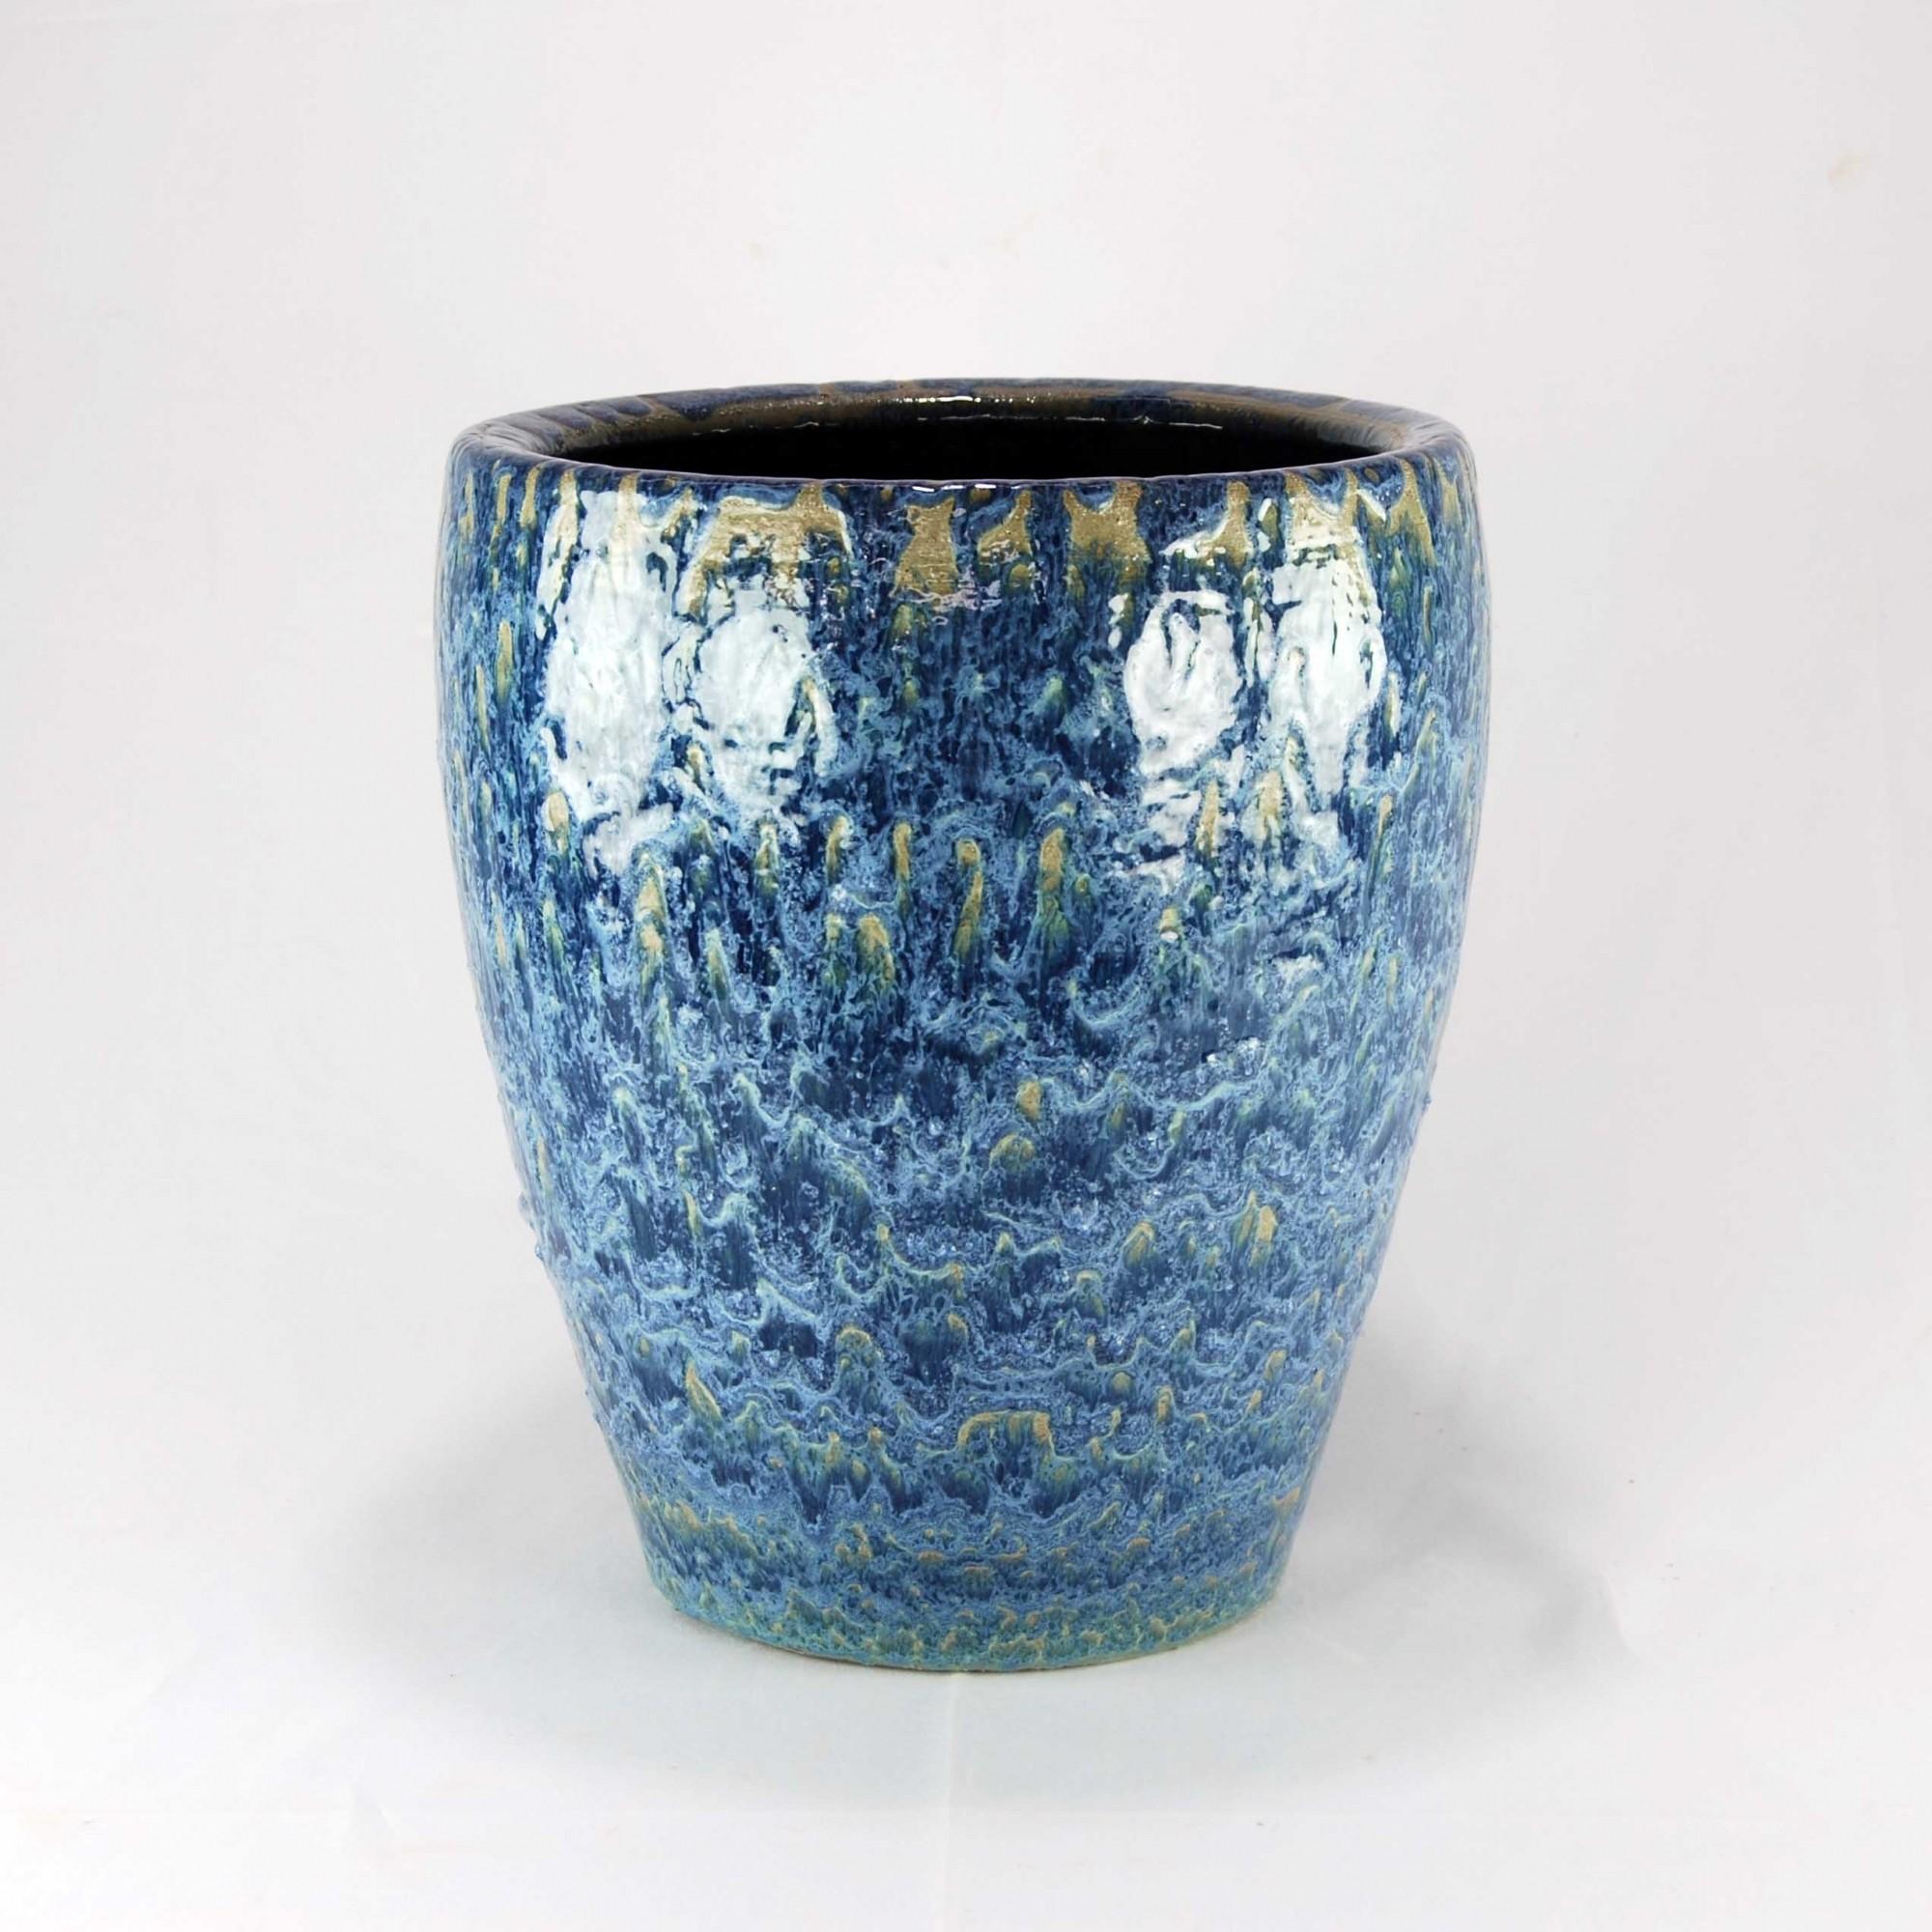 Vaso Esmaltado Egg - M - Azul del Mar